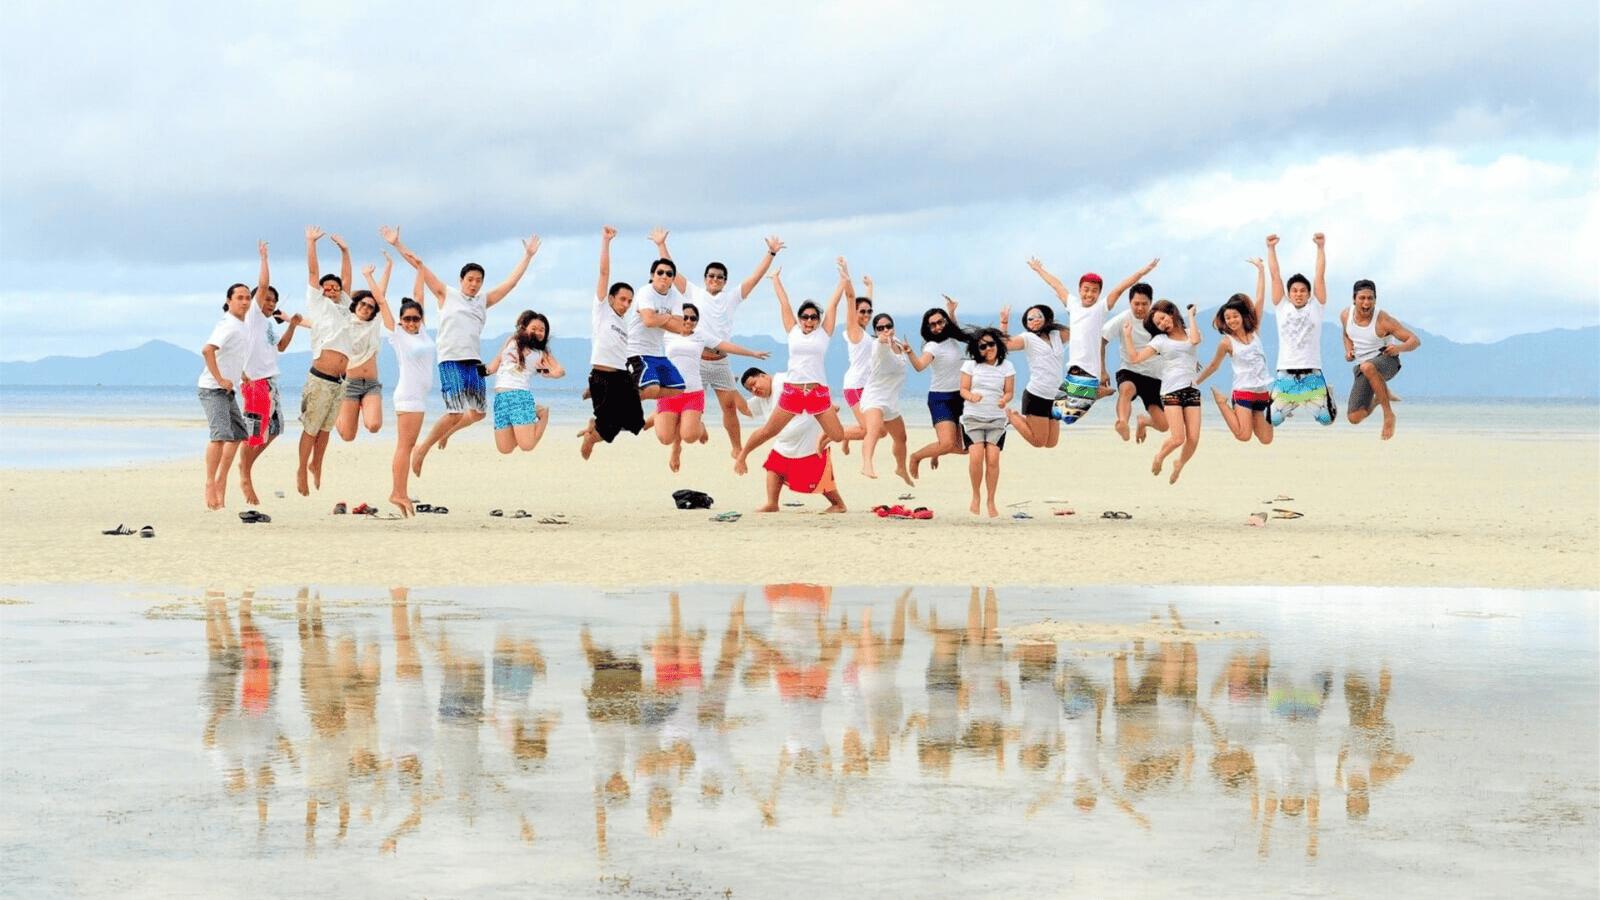 Địa điểm tổ chức team building Phú Quốc lý tưởng